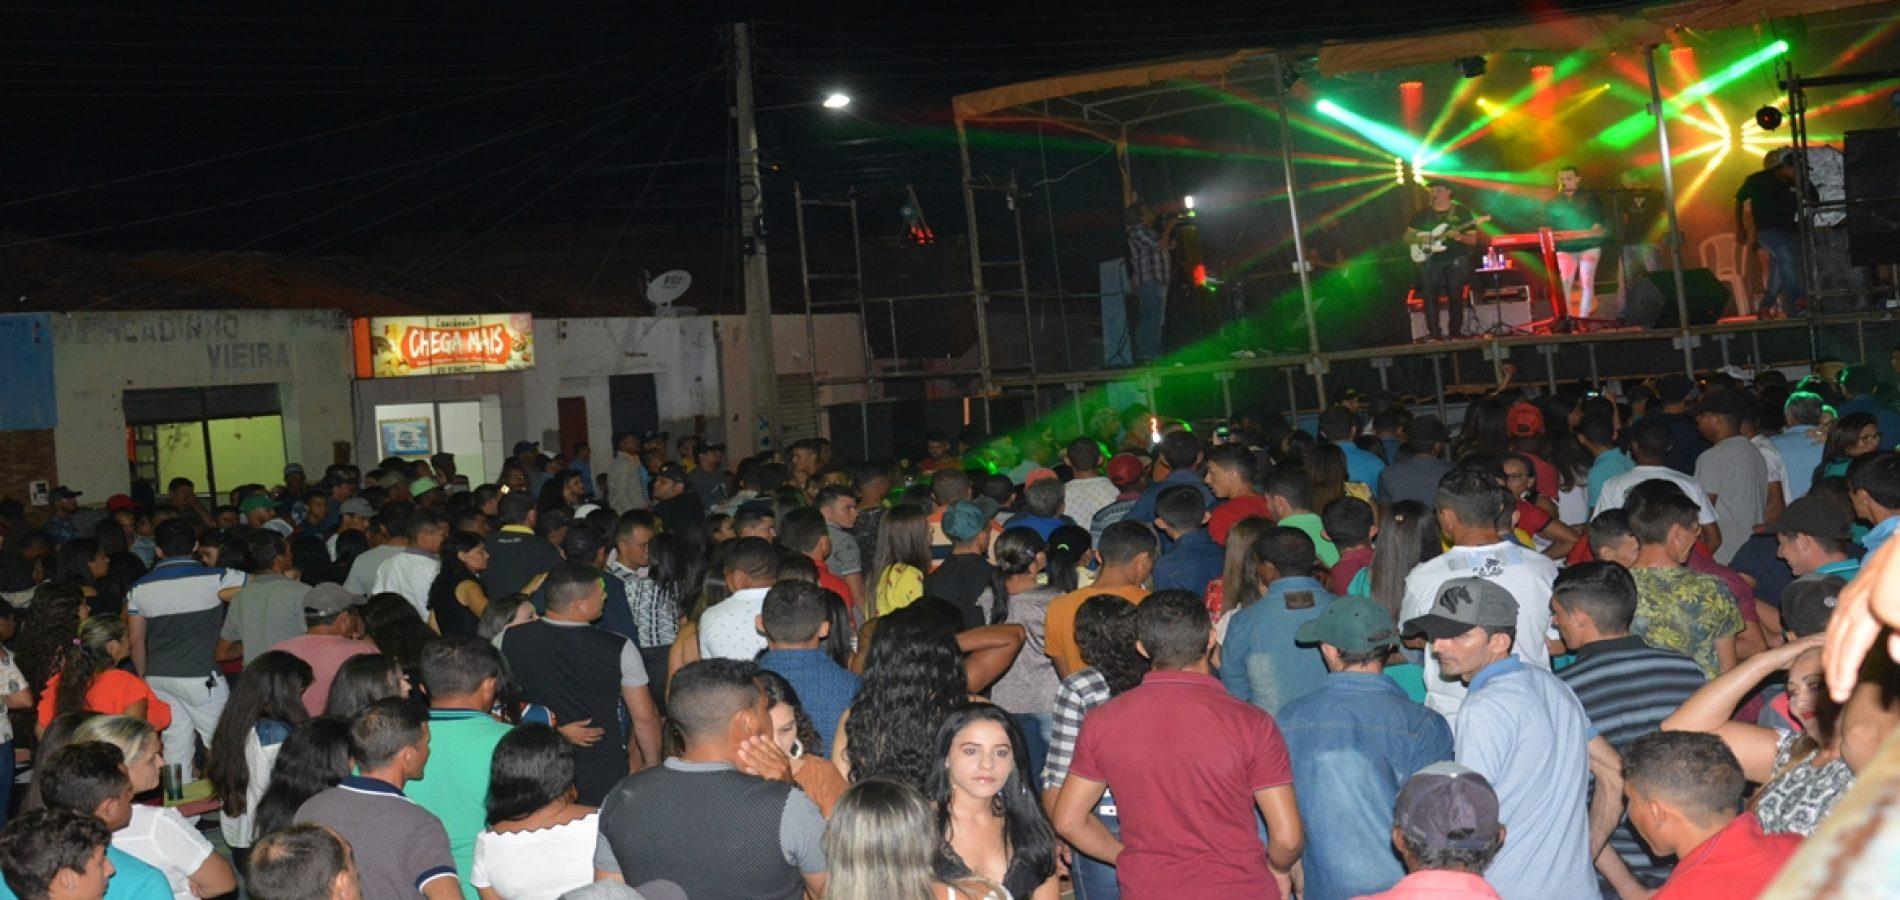 JACOBINA 27 ANOS    Confira as fotos dos shows de Valmir & Zé Jorge, Zé Armando e Zé Vaqueiro